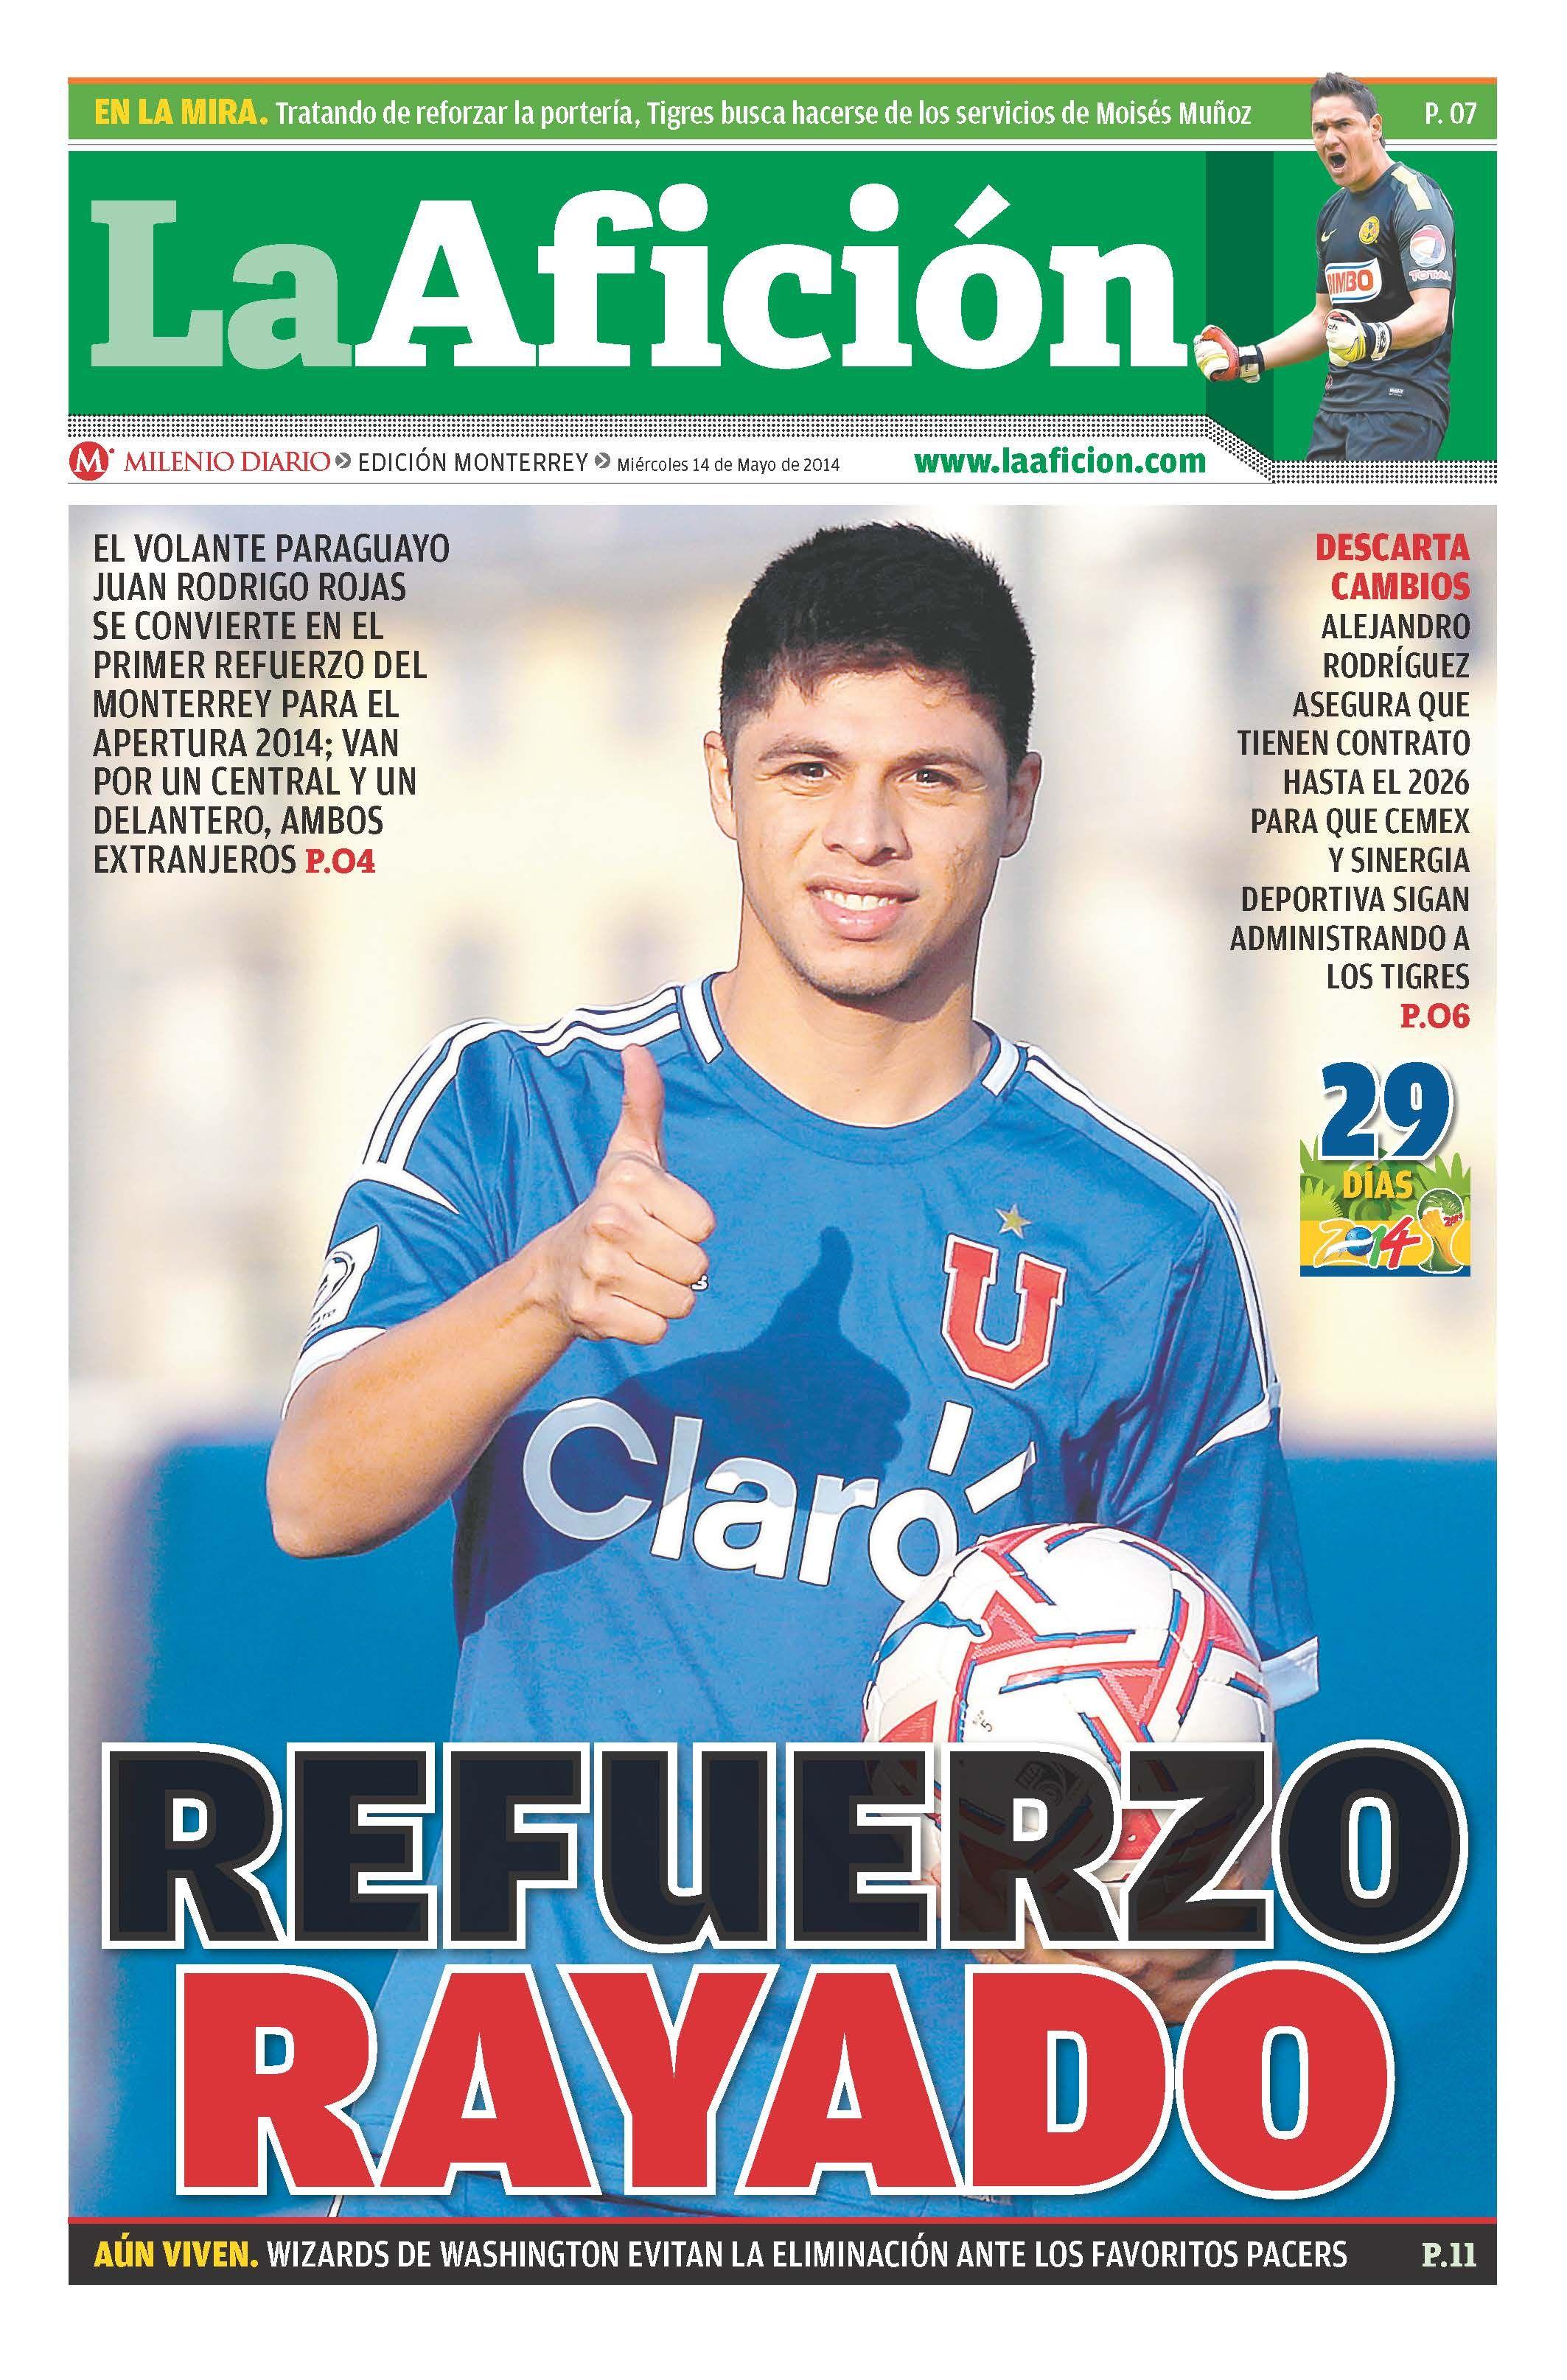 Portada La Afición Monterrey 14/05/14 | REFUERZO RAYADO